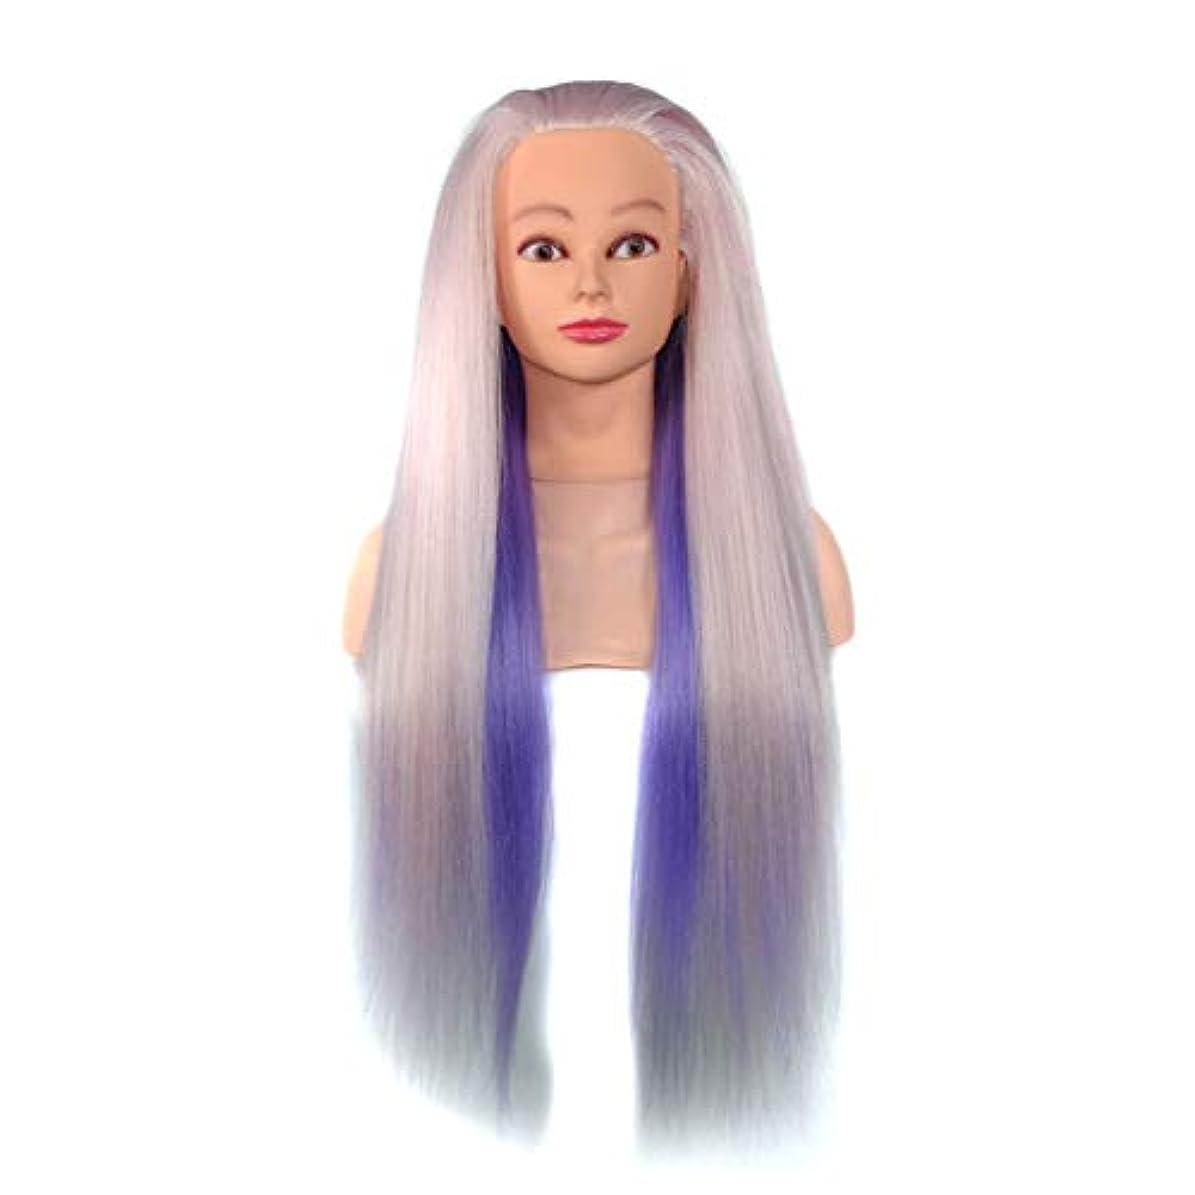 国歌対処する予見する高温シルク花嫁編組エクササイズヘッドサロン教育グラデーショントレーニングヘッド理髪学習ヘッドモデル